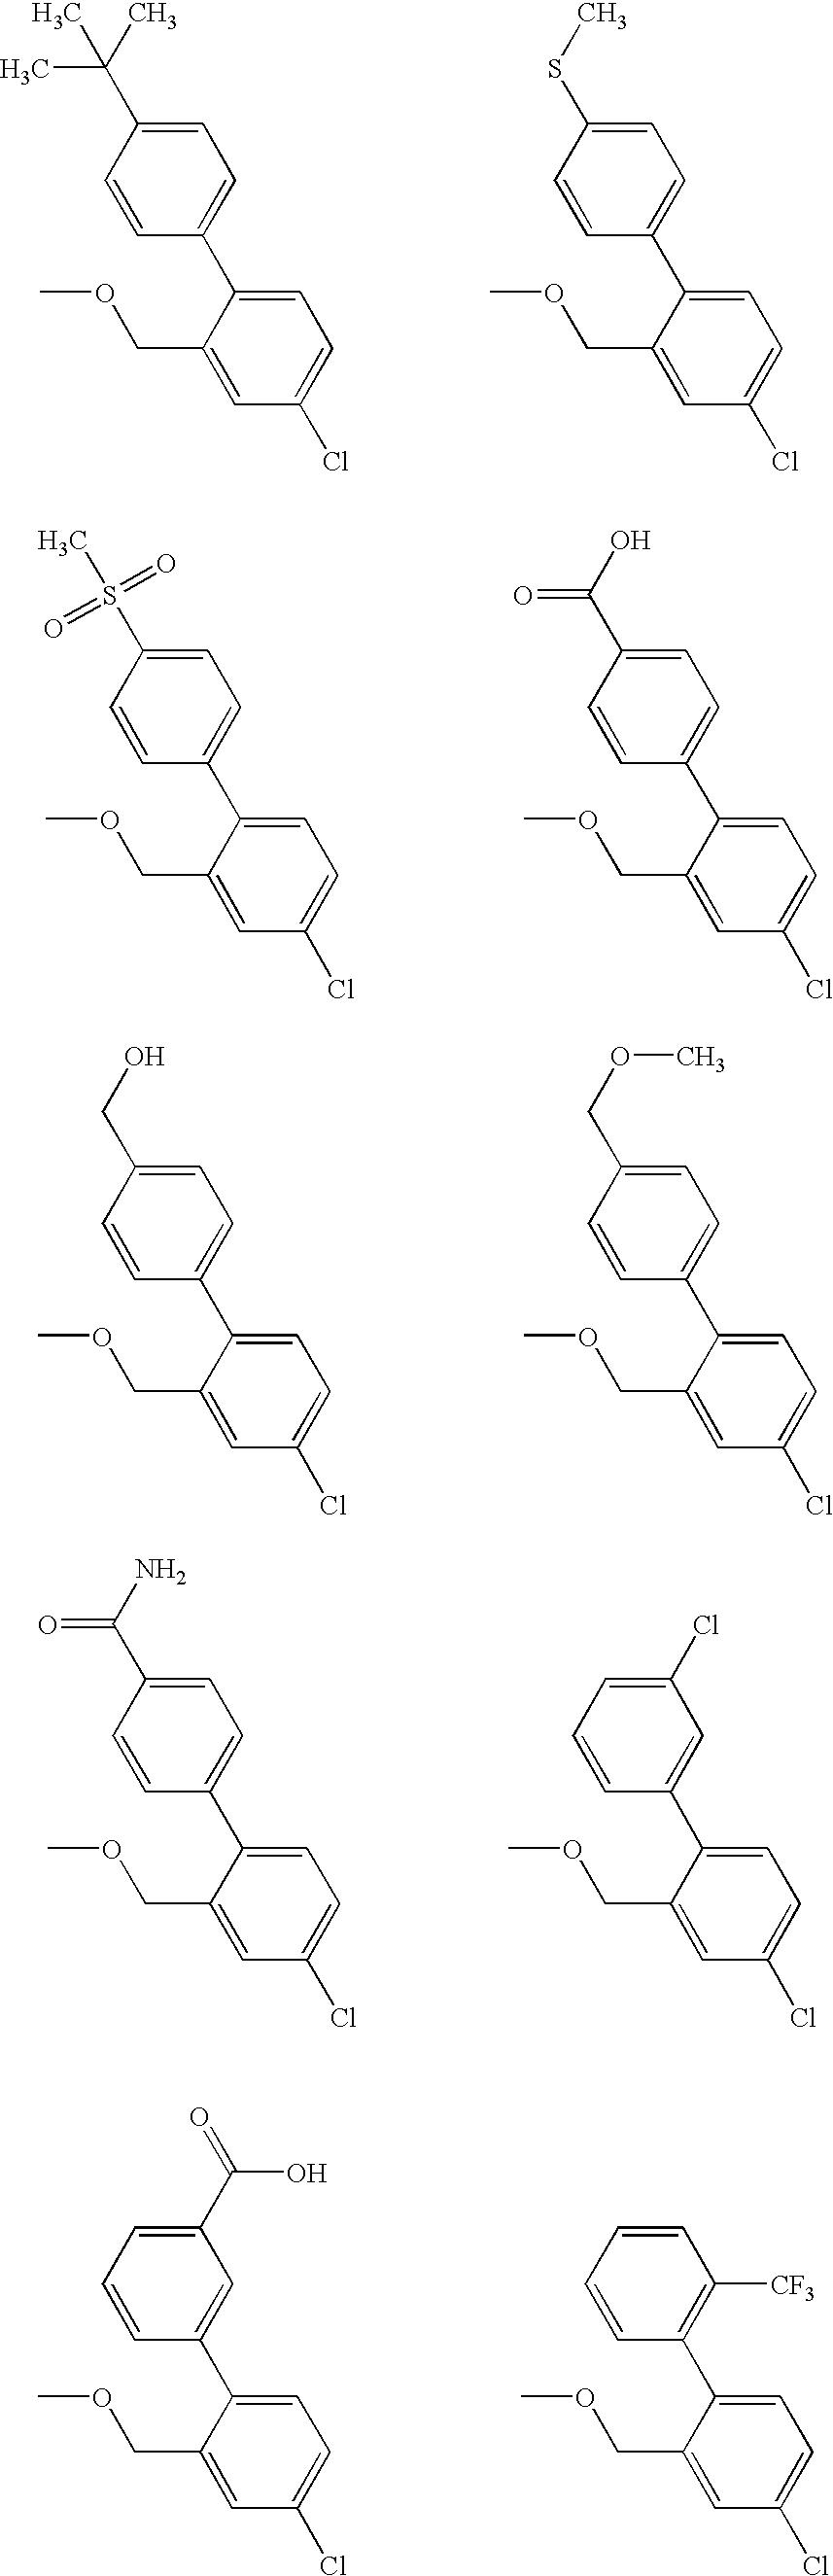 Figure US20070049593A1-20070301-C00225